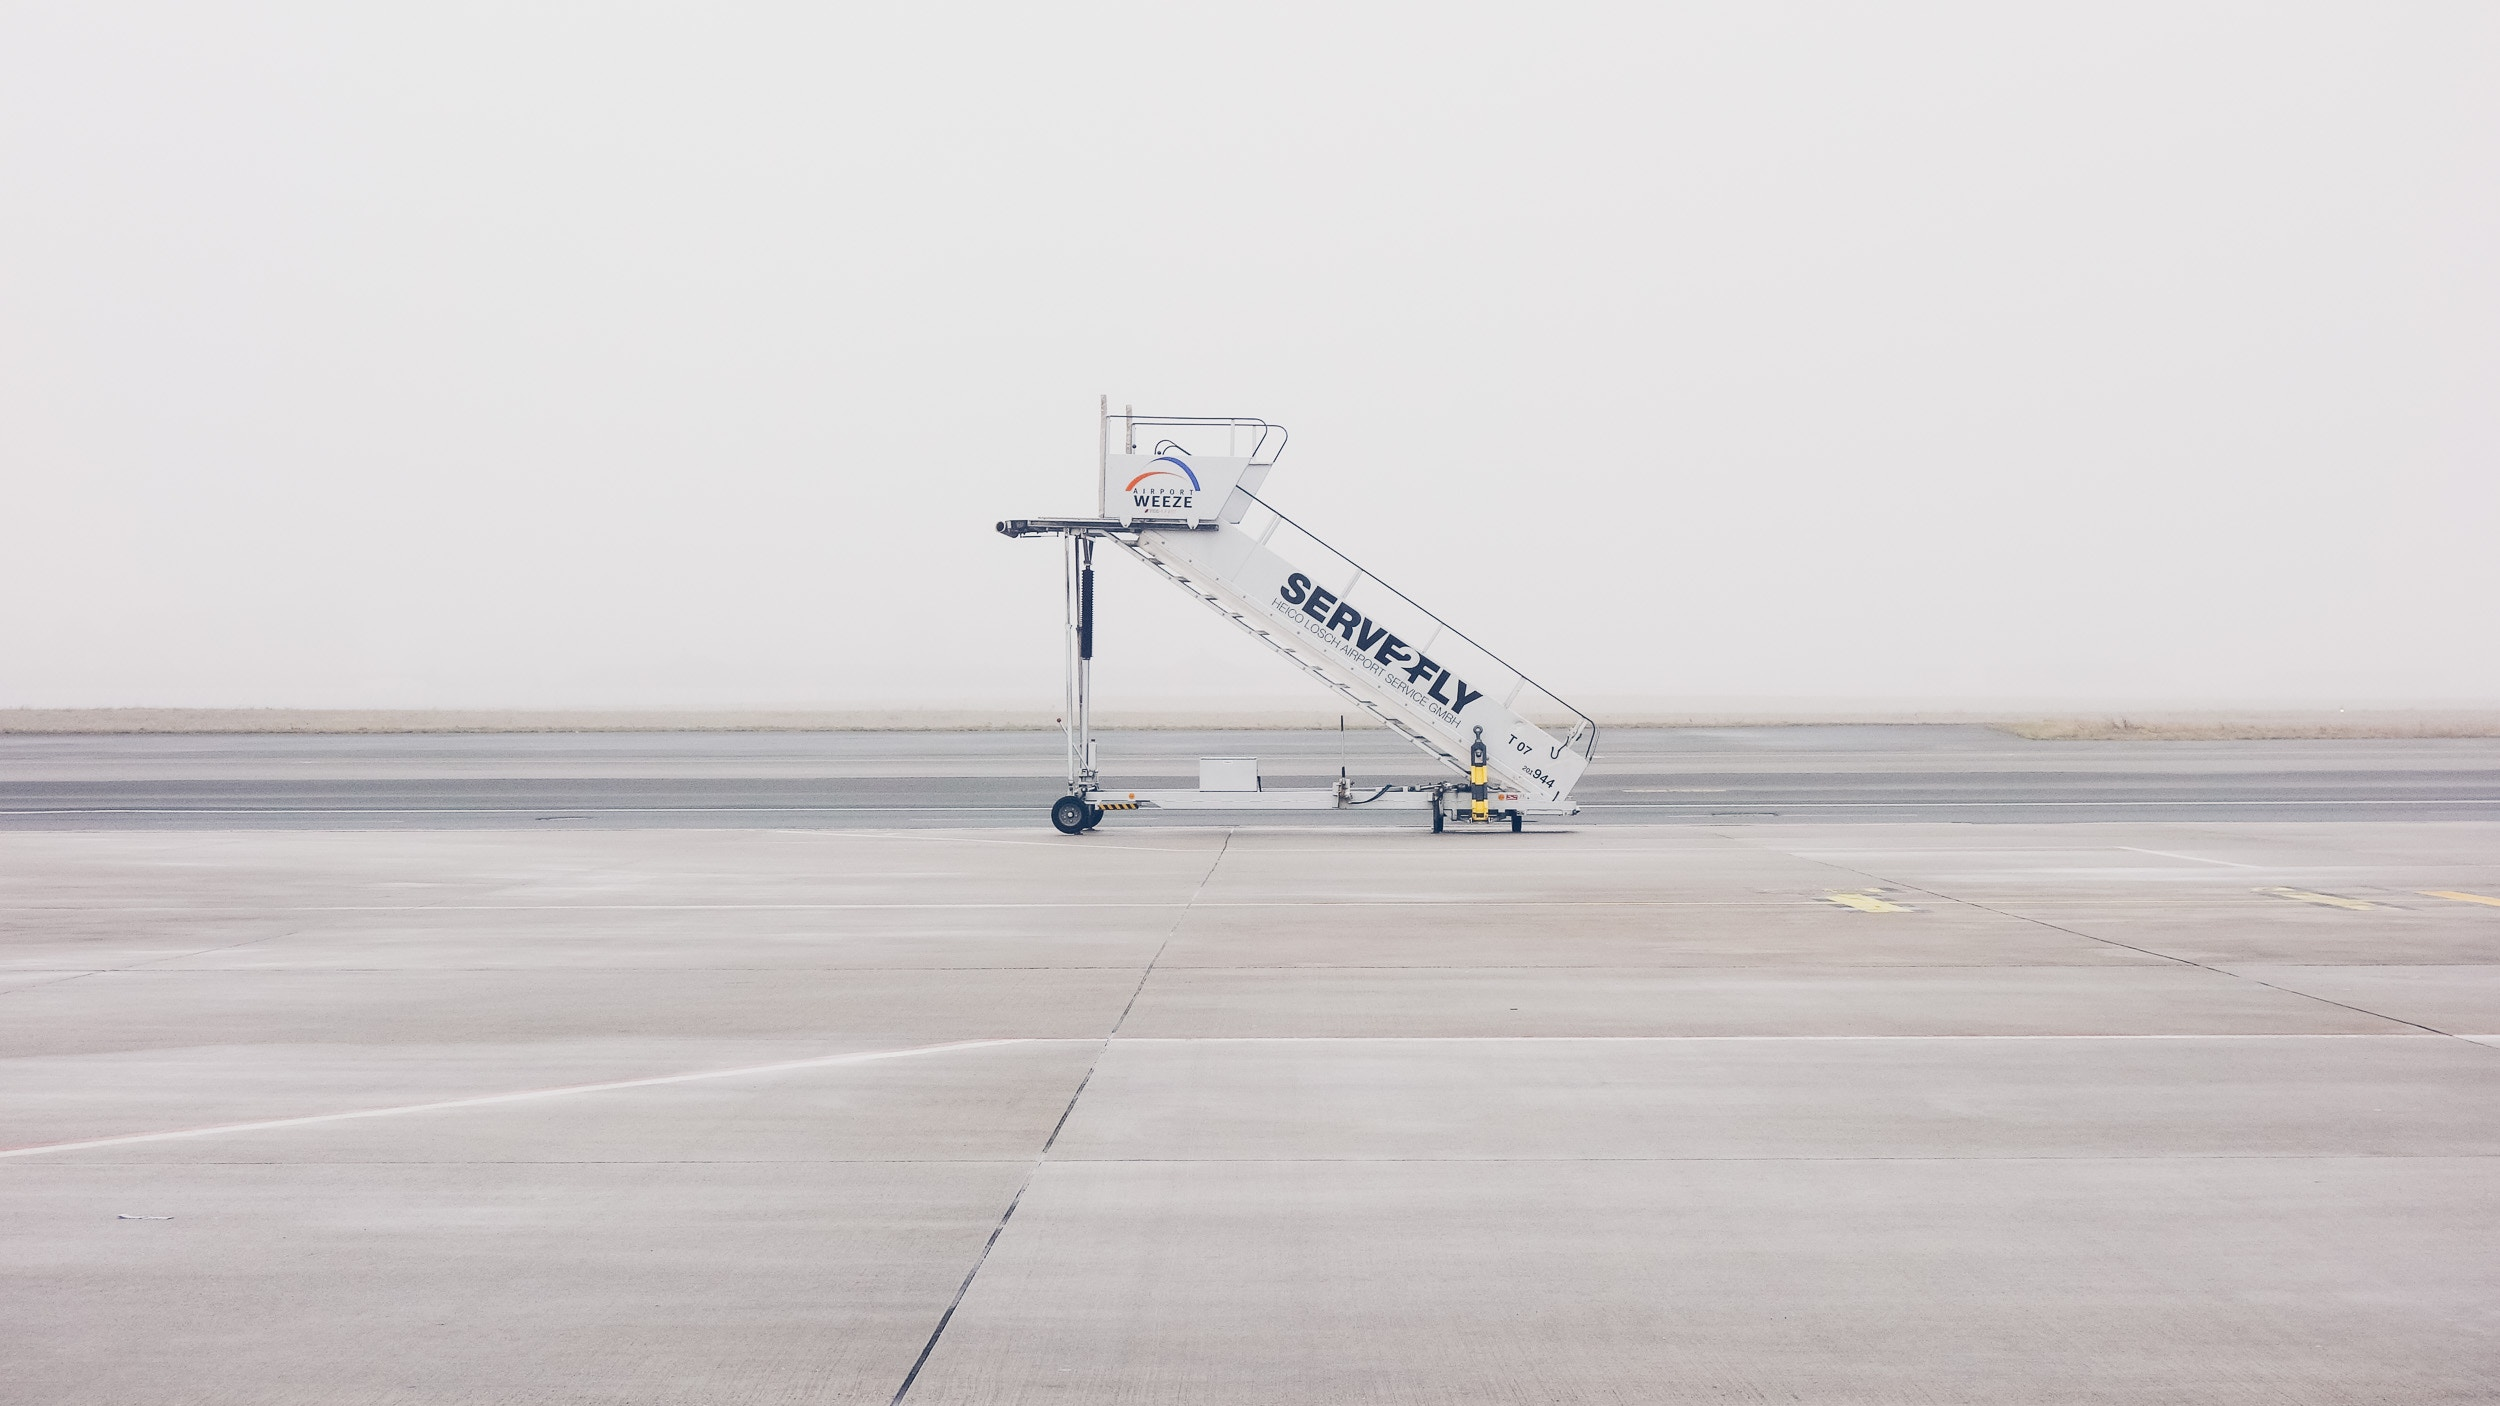 eviter-surbooking-overbooking-surreservation-avion-1